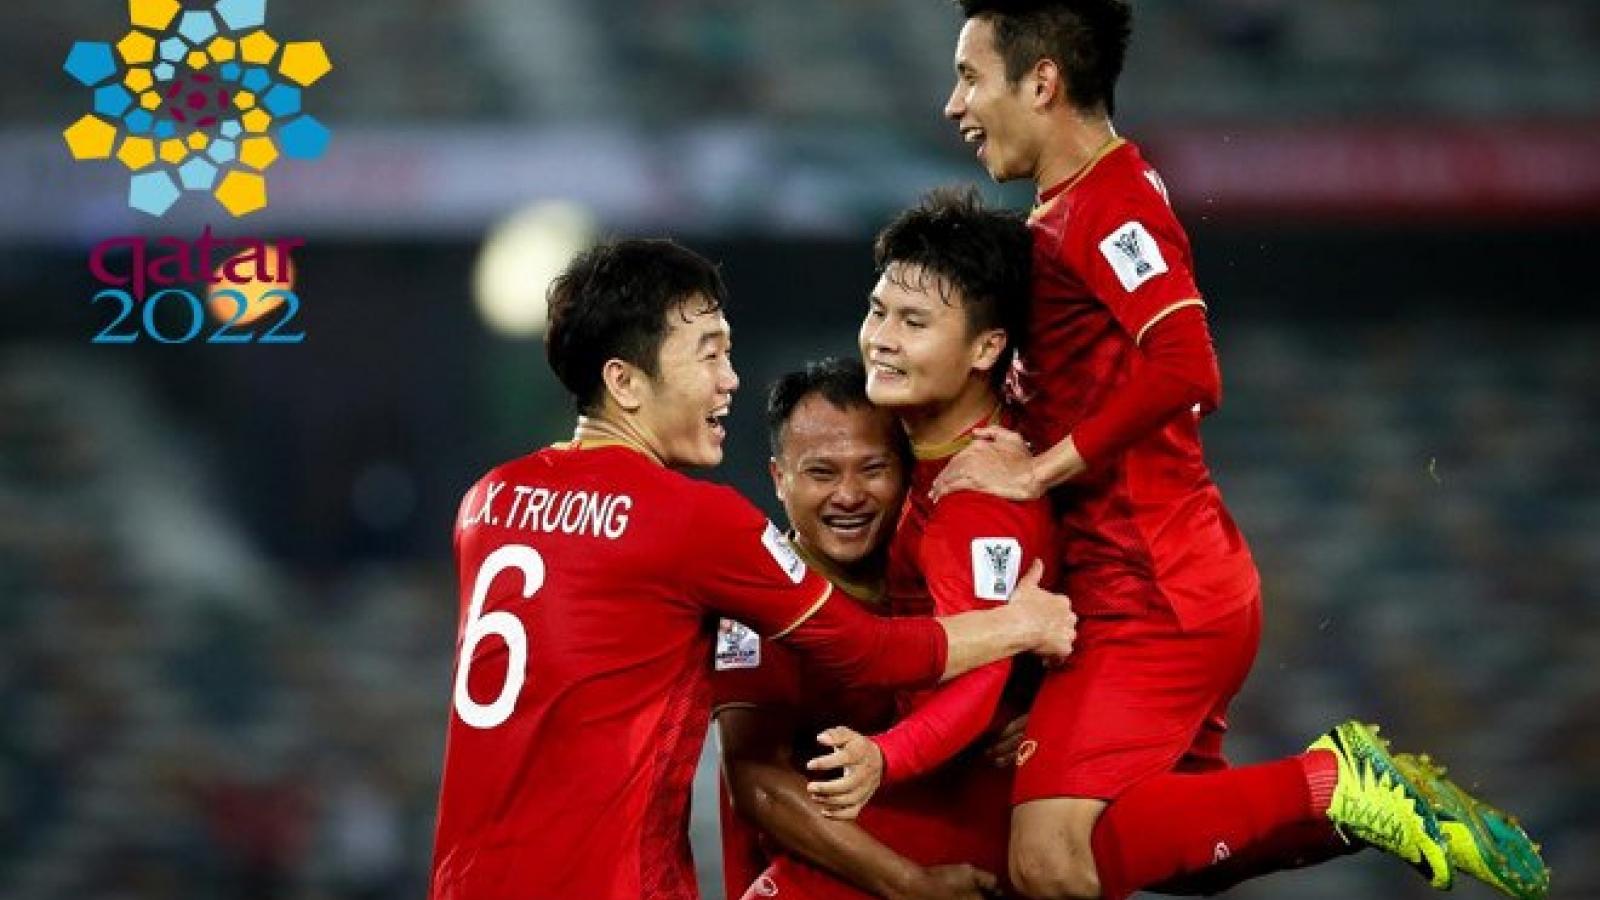 Bộ Y tế đề nghị không tụ tập đông người xem ĐT Việt Nam thi đấu và các trận khác